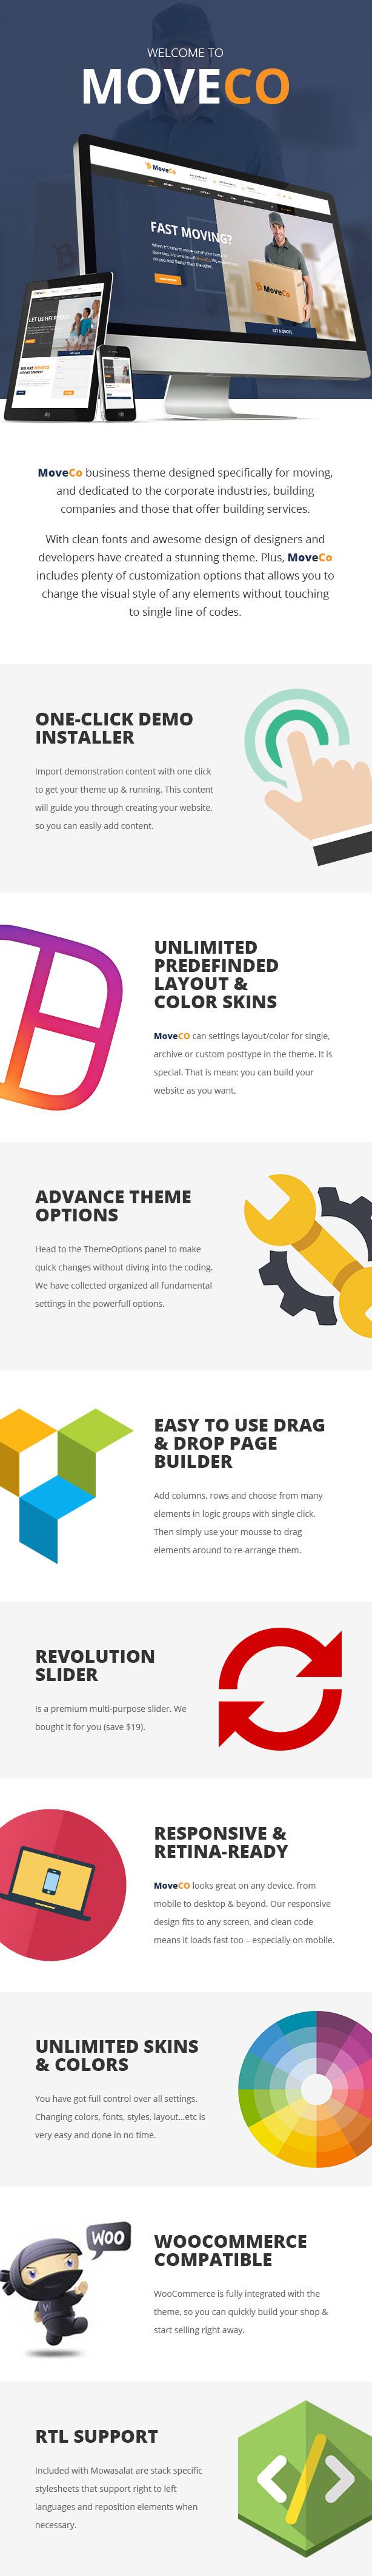 MoveCo - Logistics, Moving Company WordPress Theme - 1